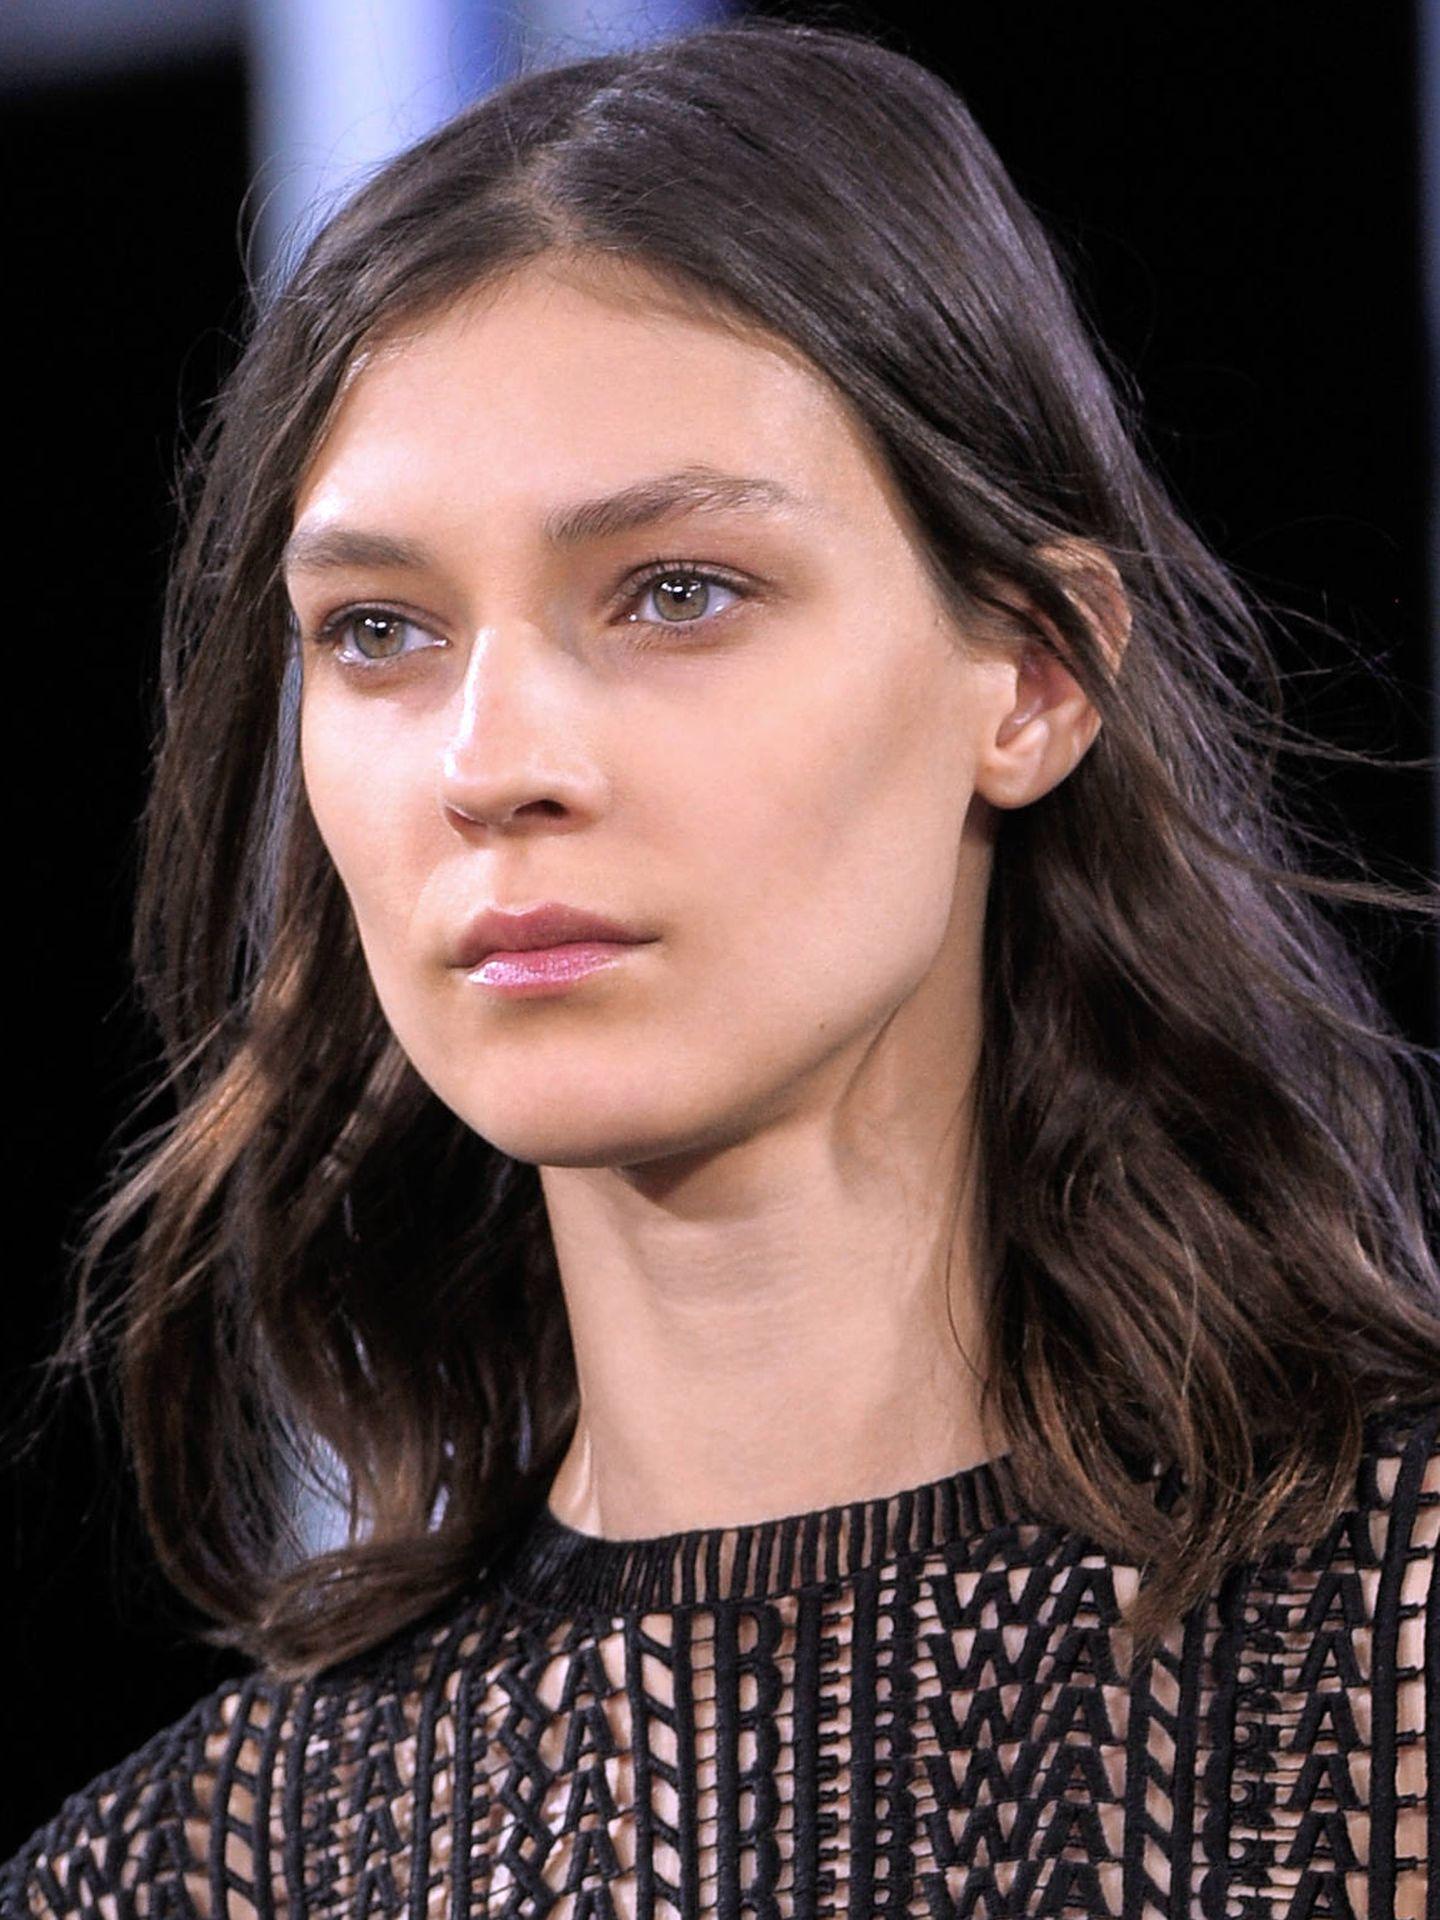 El maquillaje muy natural ha sustituido a las bases demasiado gruesas. (Imaxtree)